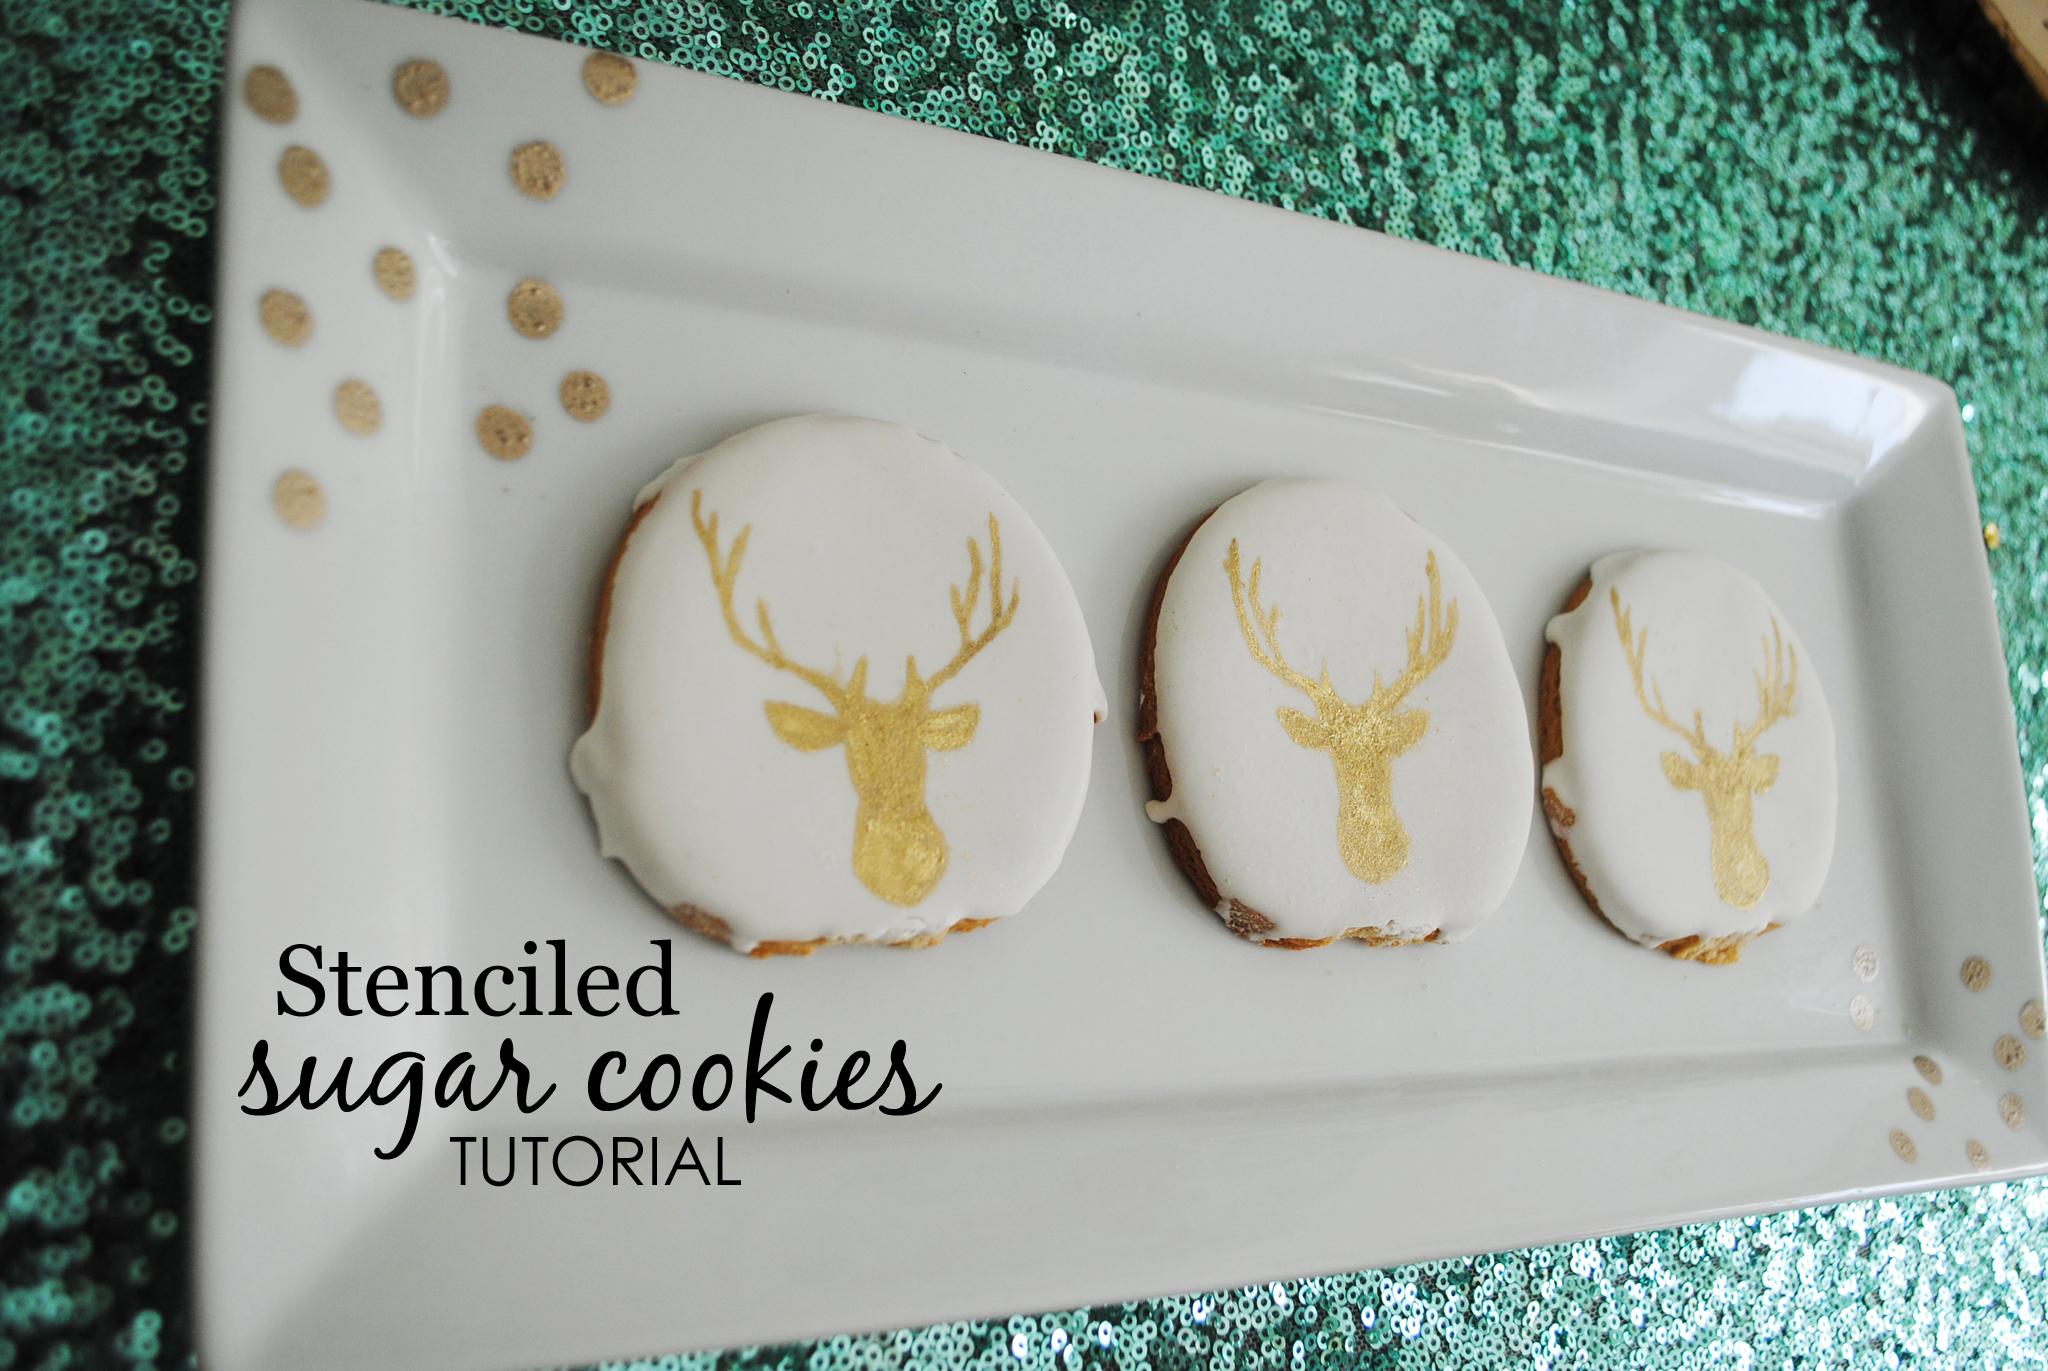 Stenciled Sugar Cookies Tutorial